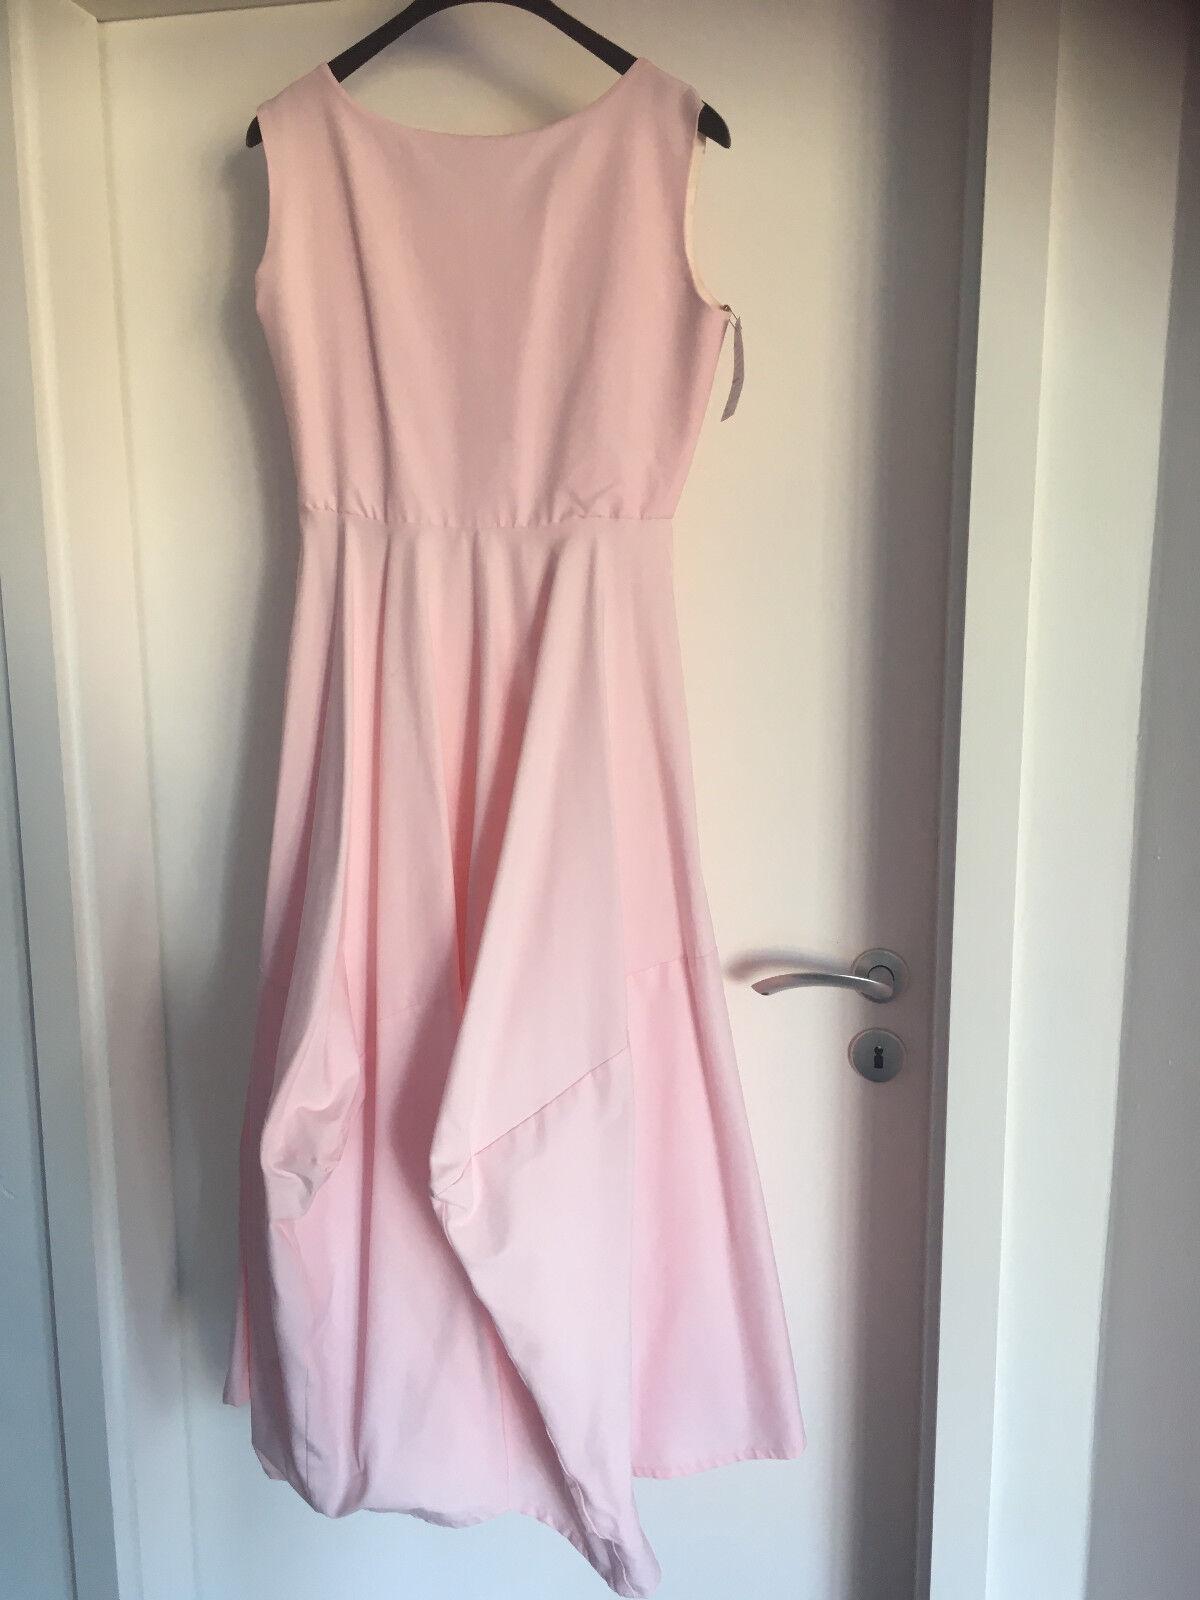 NEU  VOGUE Schnitt Sommerkleid in Rosa Größe S M